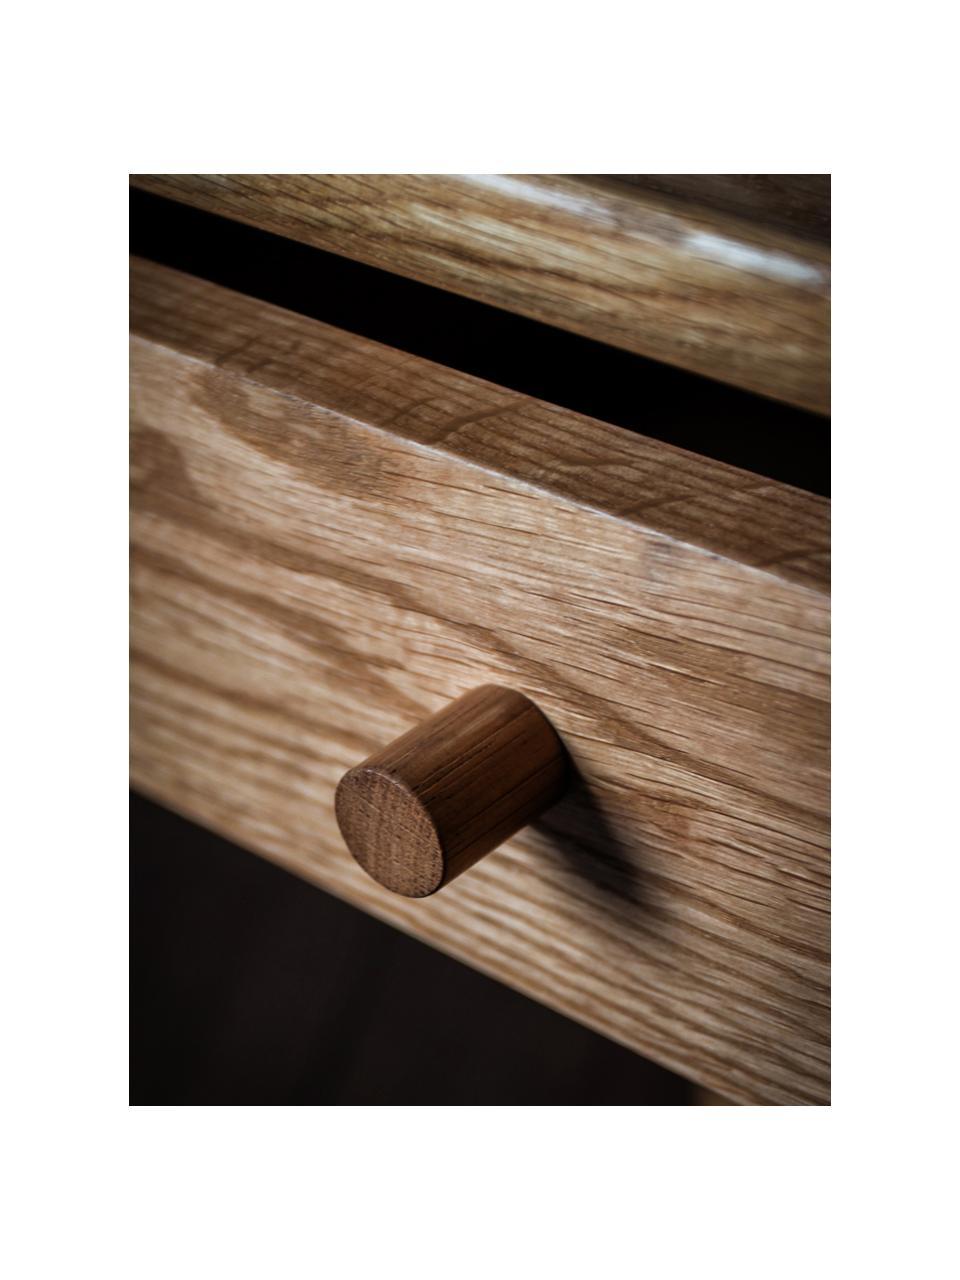 Szafka nocna z drewna dębowego Wycombe, Drewno dębowe, S 50 x W 63 cm